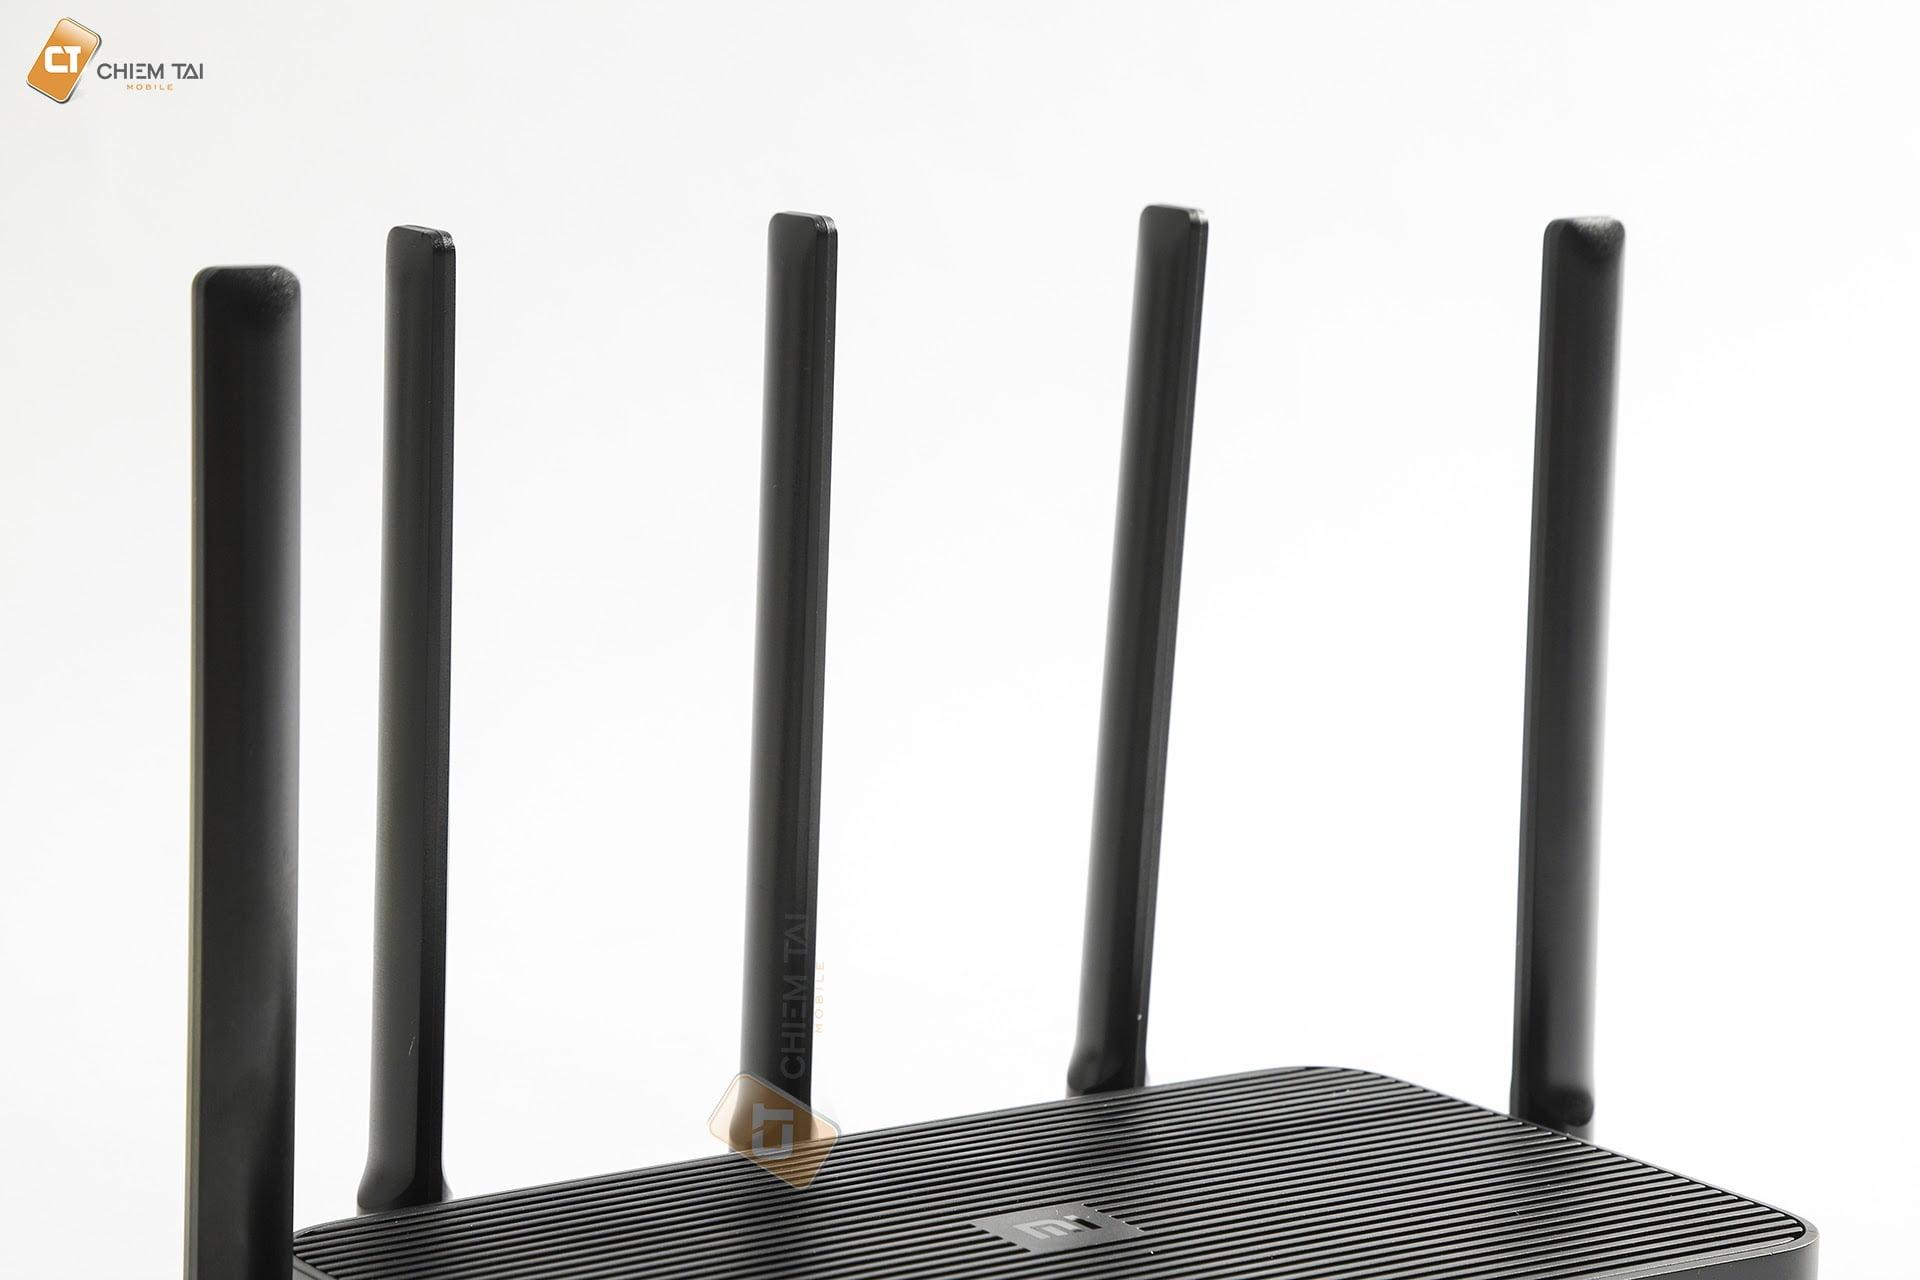 router wifi xiaomi 4 pro 6007fc56e8f0a